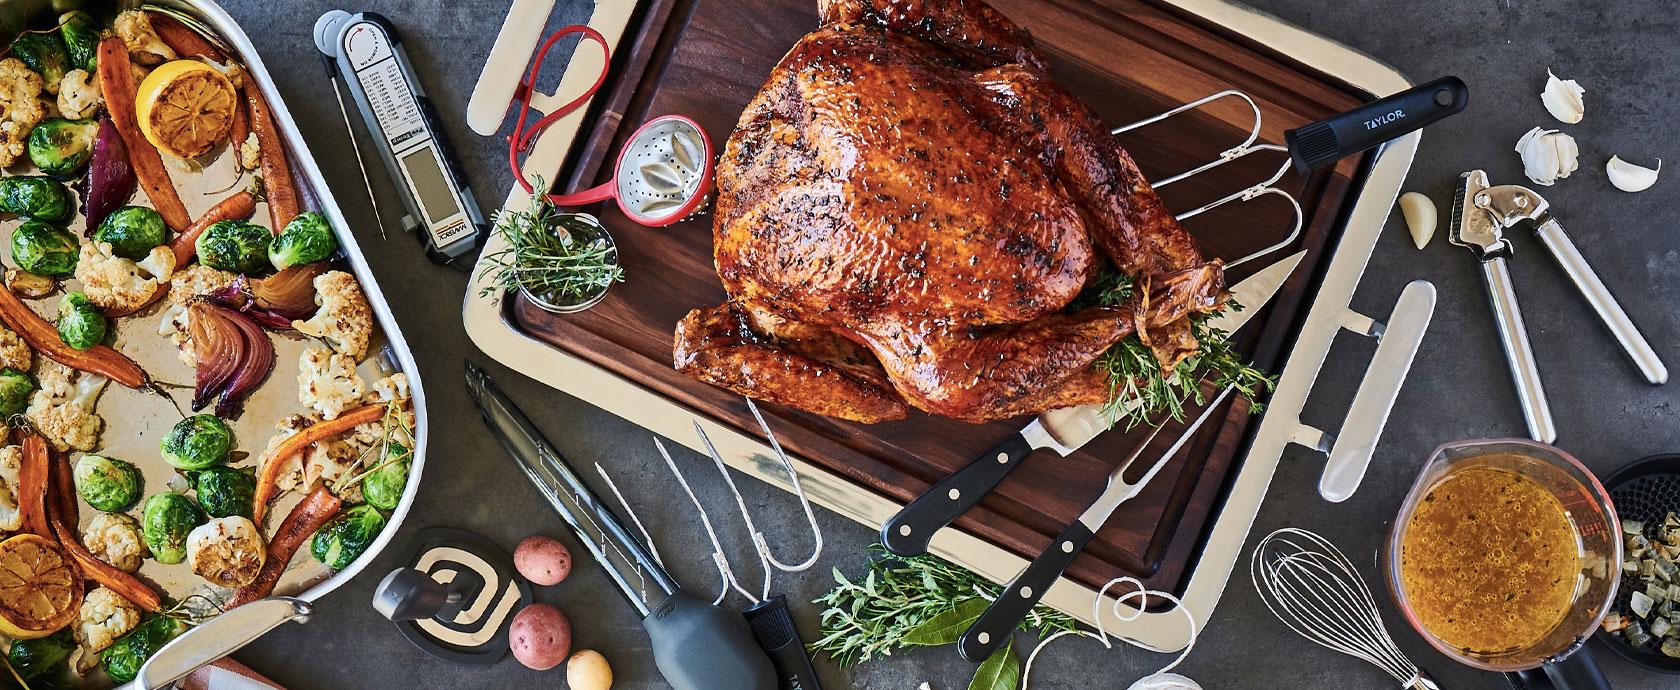 Thanksgiving turkey on cutting board